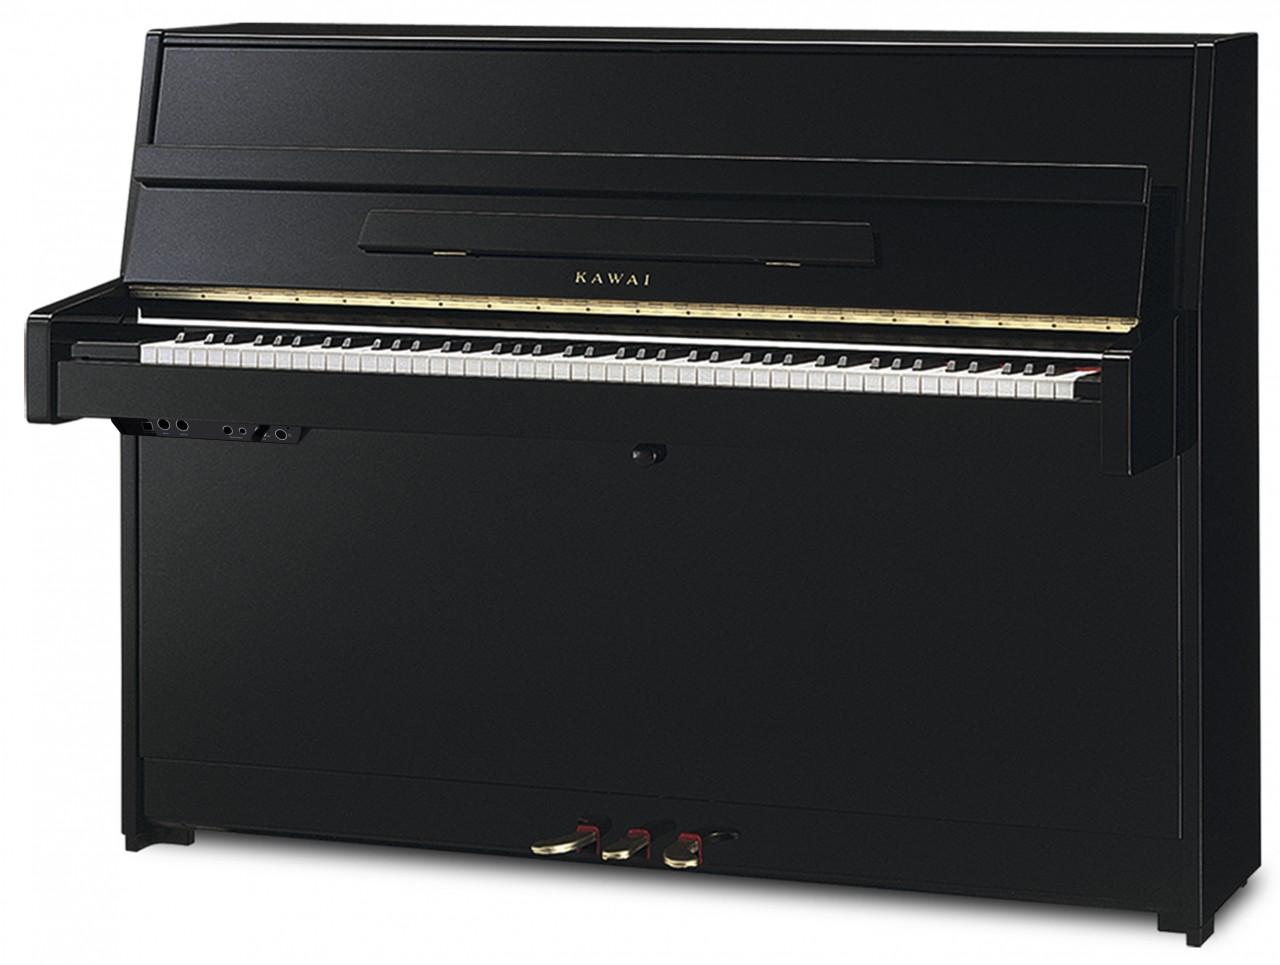 Kawai Klavier K 15 ATX3L